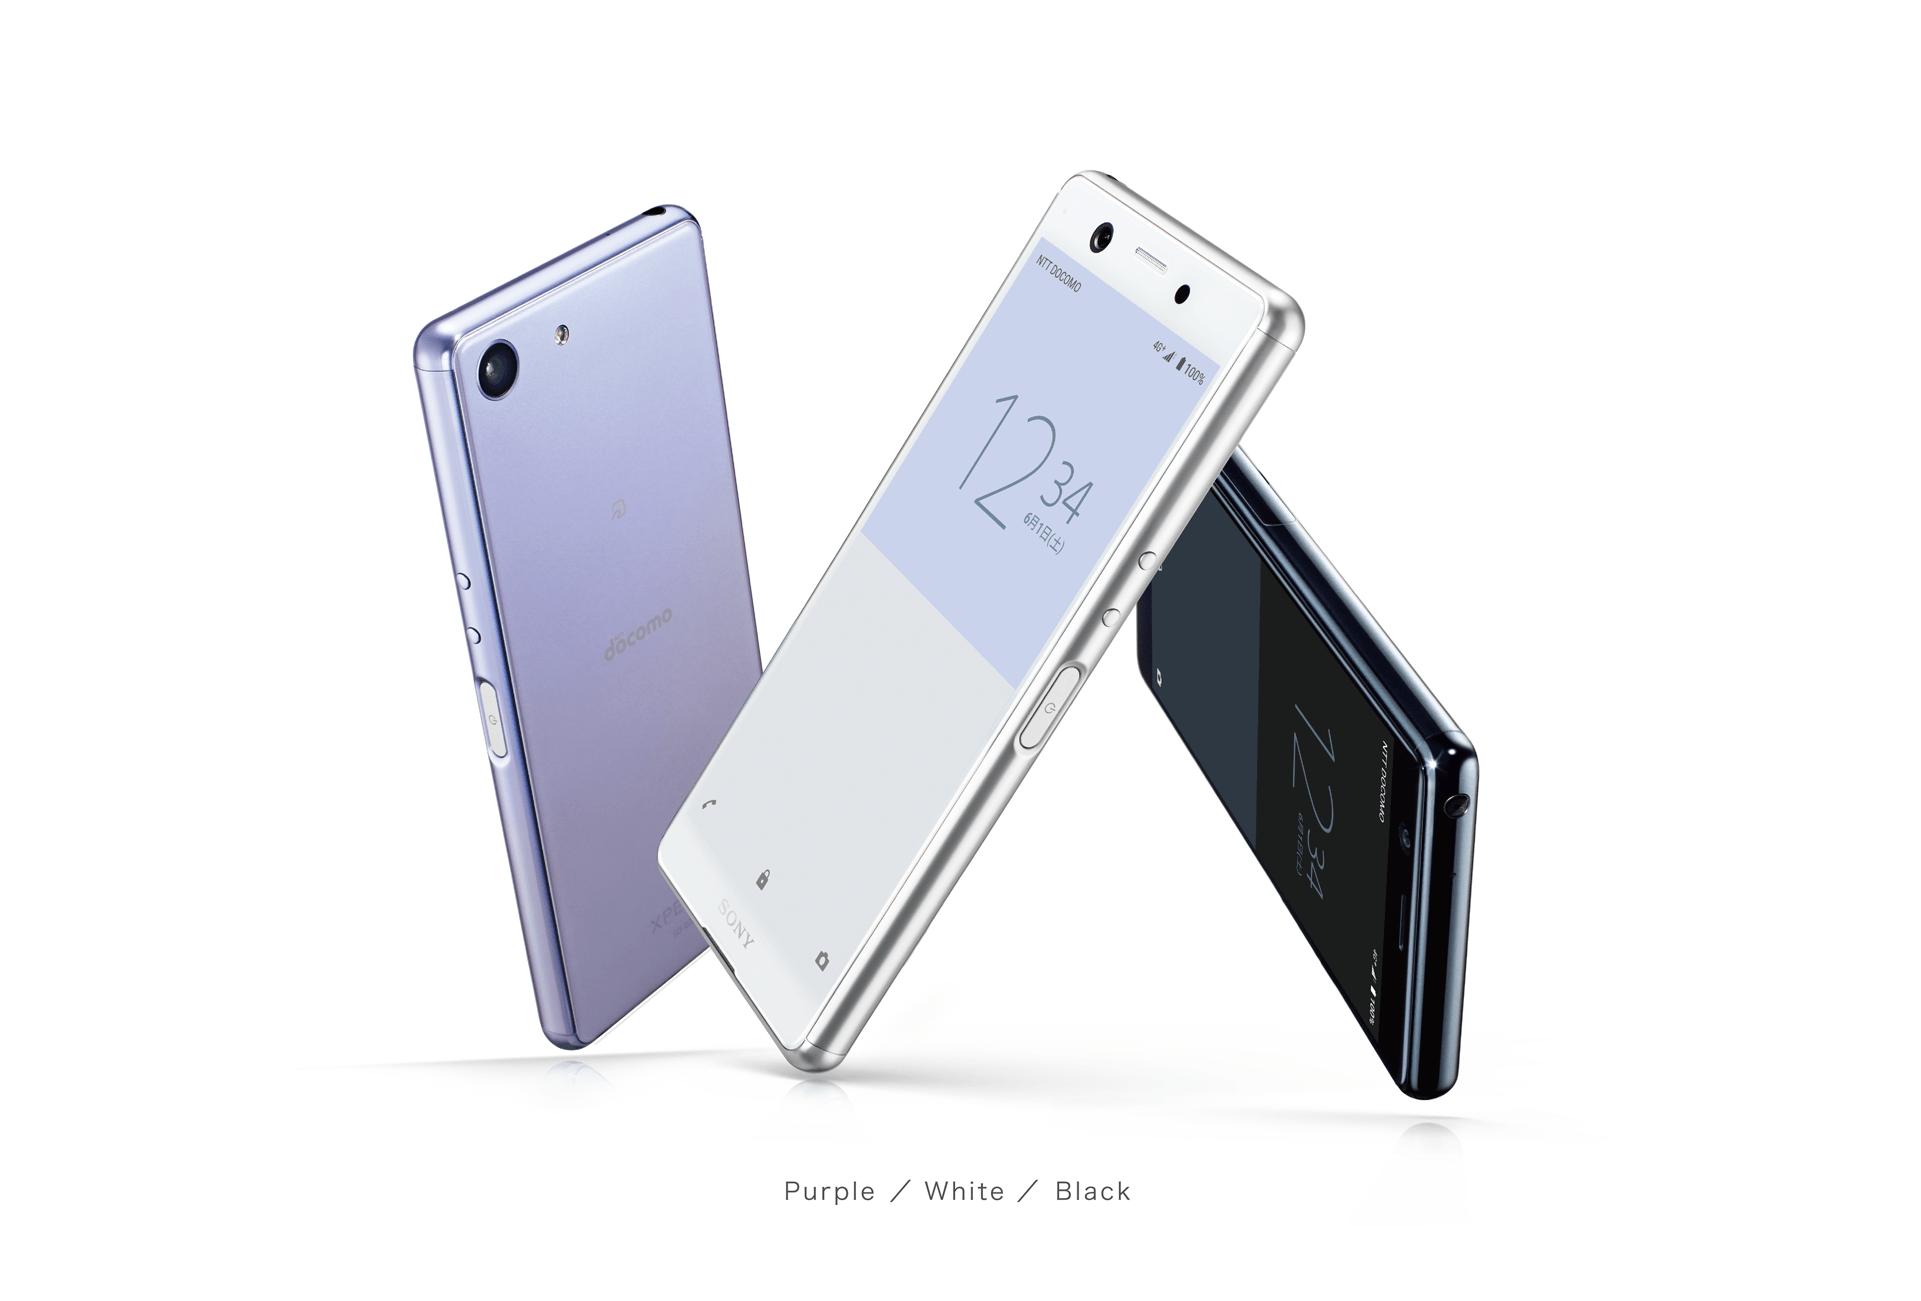 日本限定版 Xperia Ace 精緻小巧 五吋手機